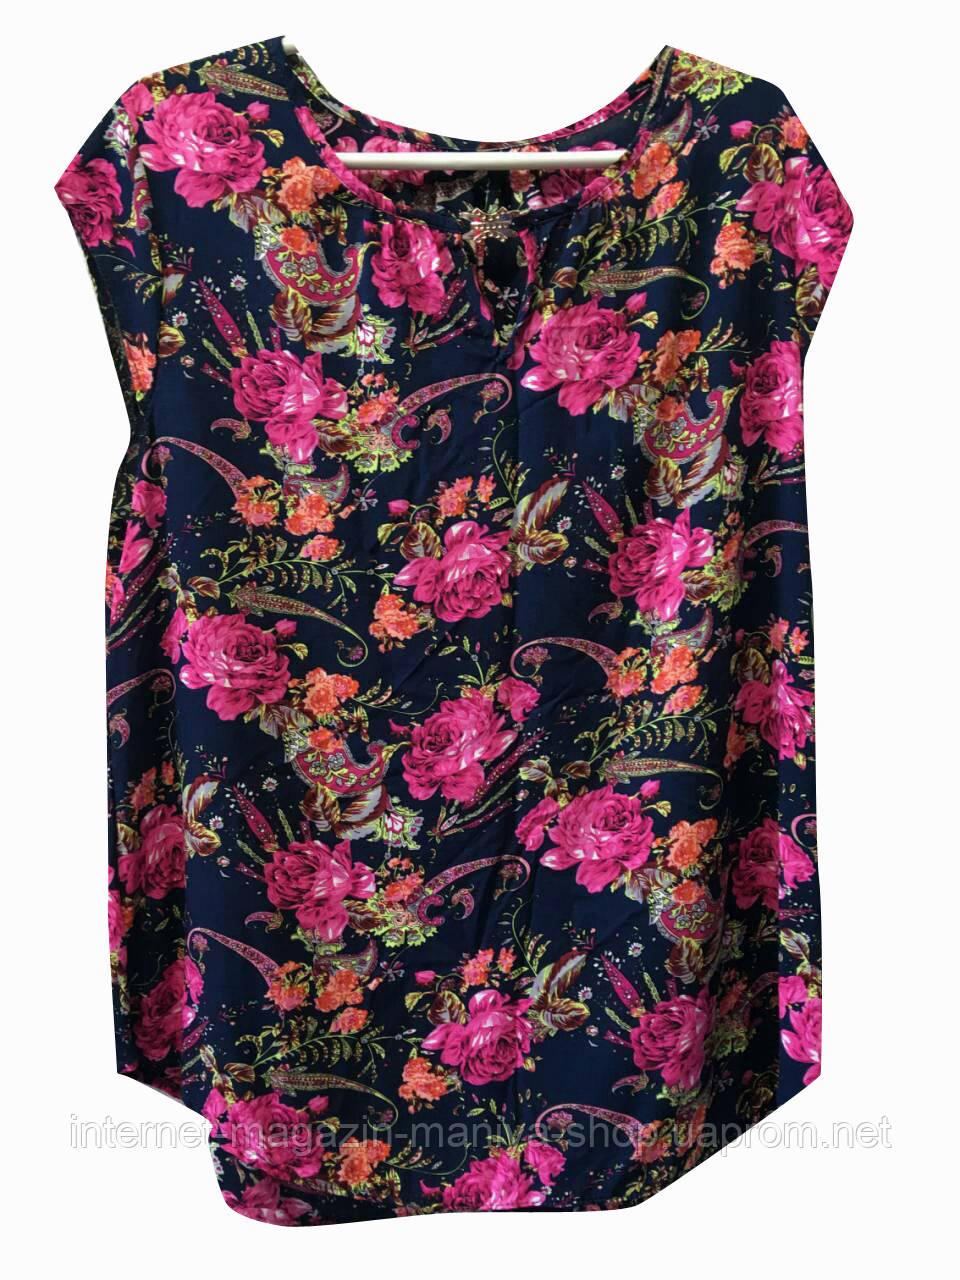 Блуза женская батал украшение (лето)